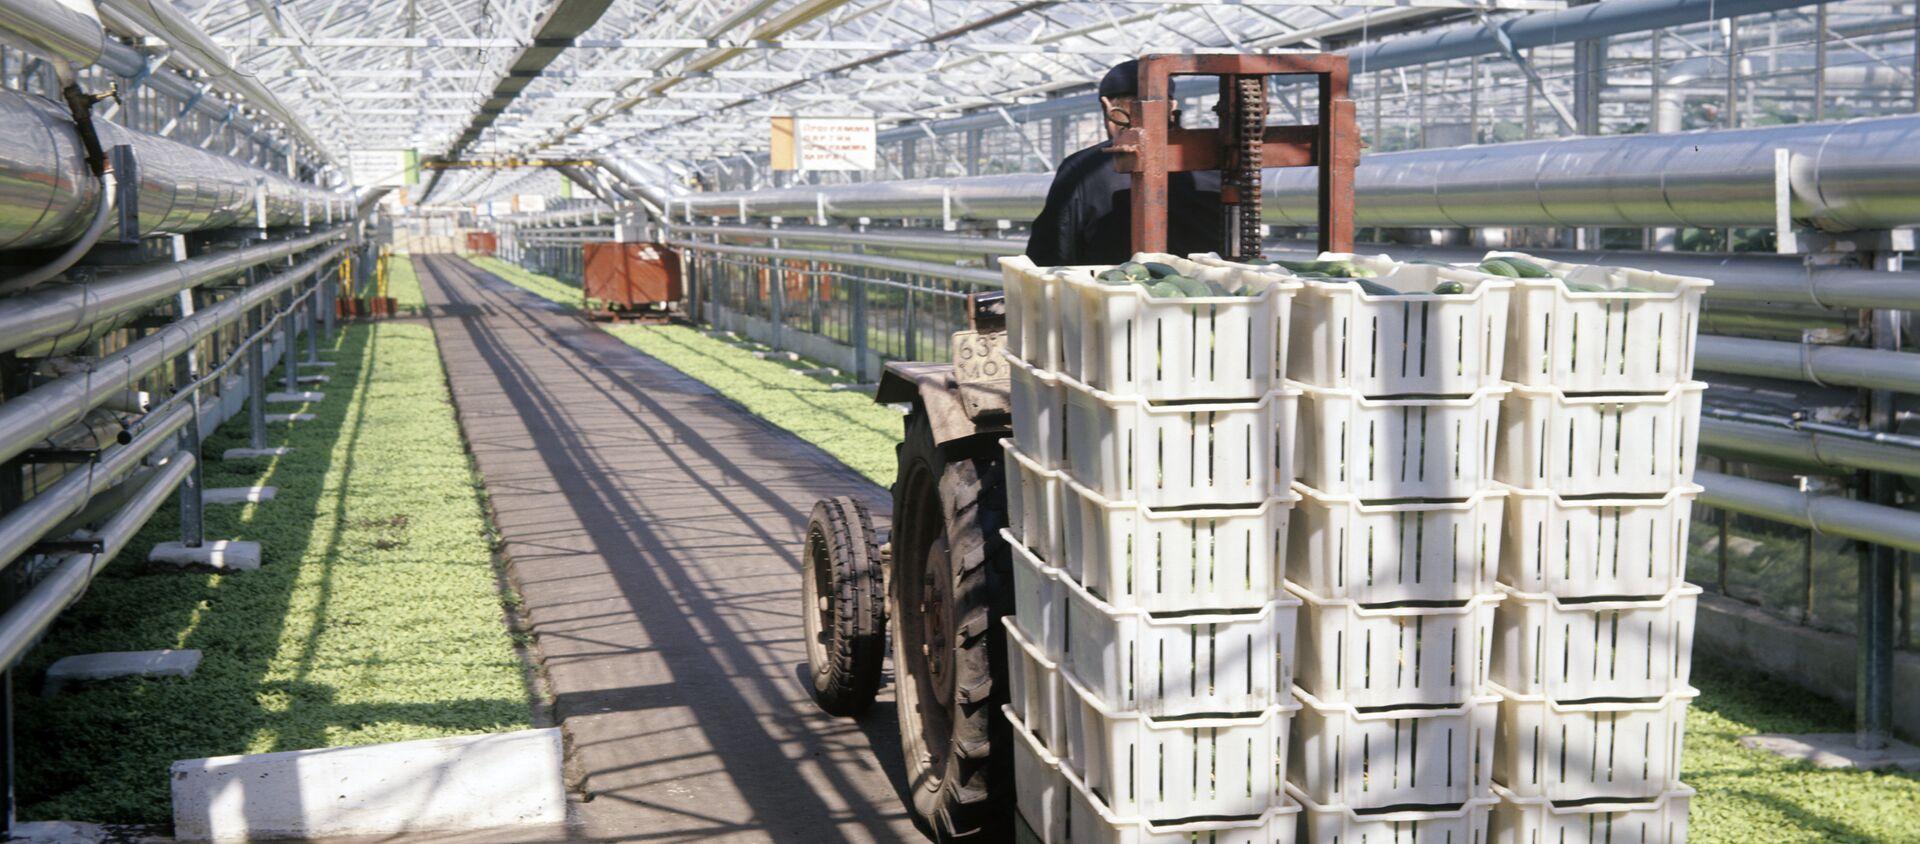 Выращивание овощей в совхозе-комбинате - Sputnik Узбекистан, 1920, 30.08.2020